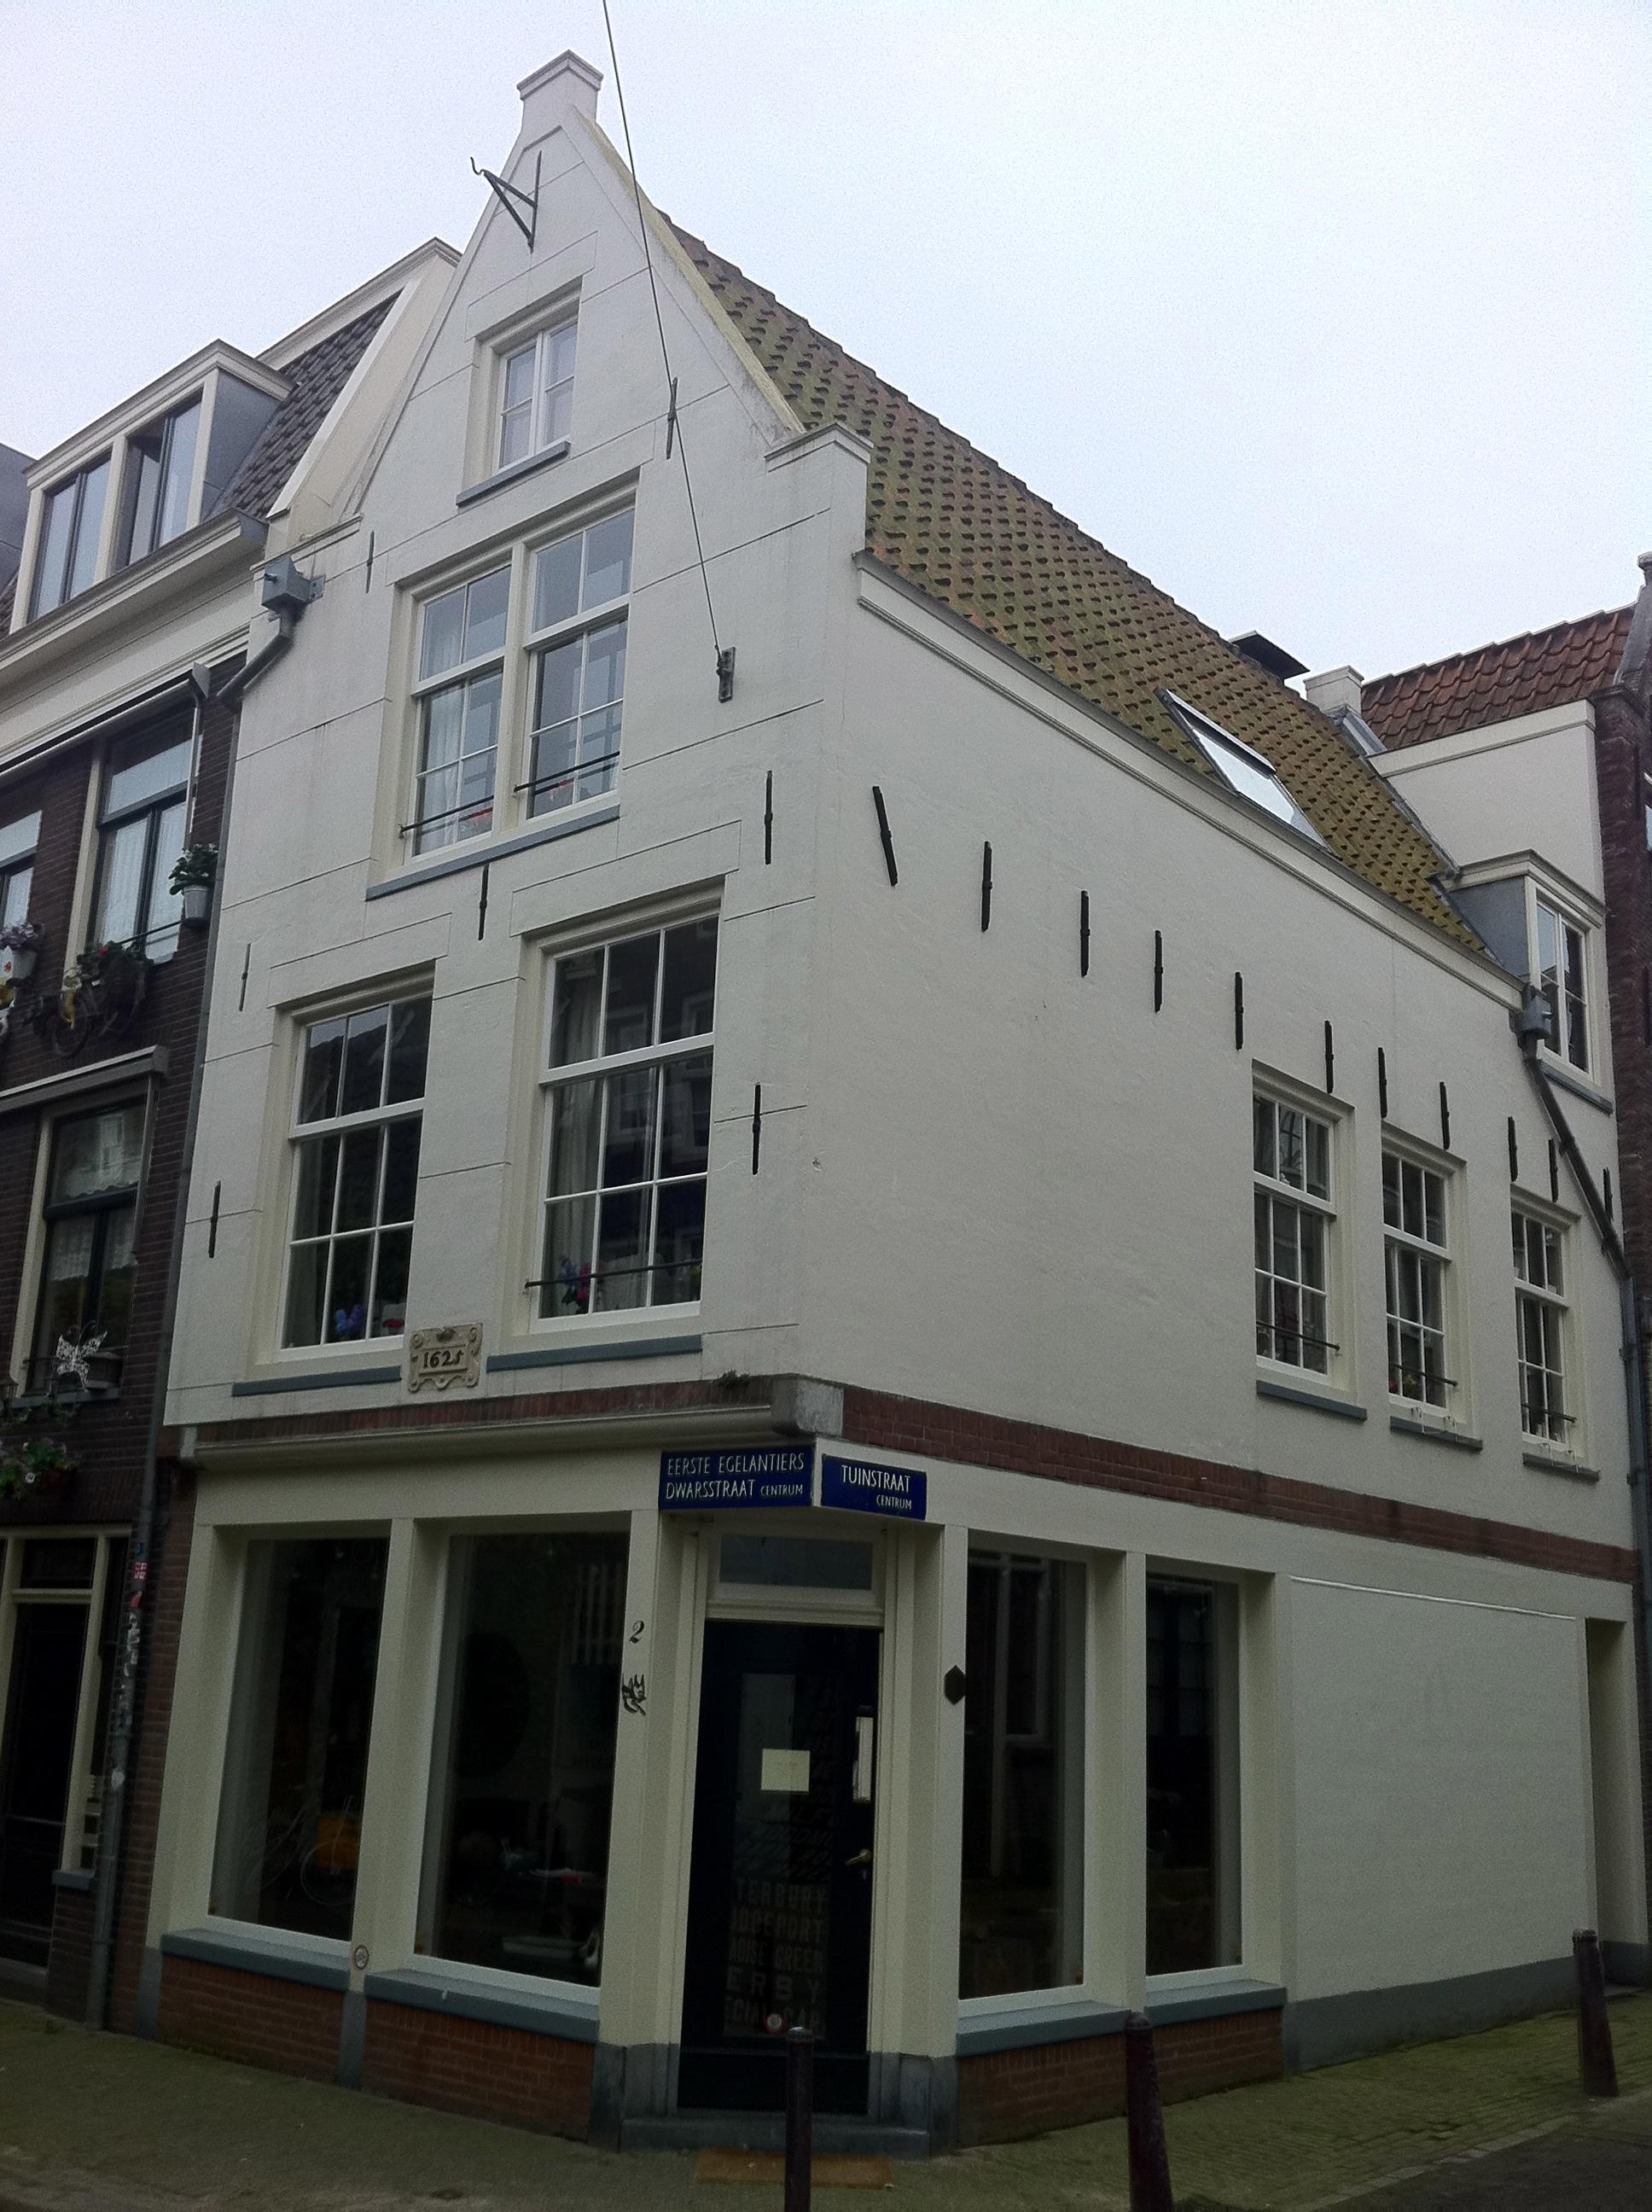 Pand bestaande uit twee samengetrokken huizen met latere gevels op karakteristieke pui en met - Gevels van hedendaagse huizen ...